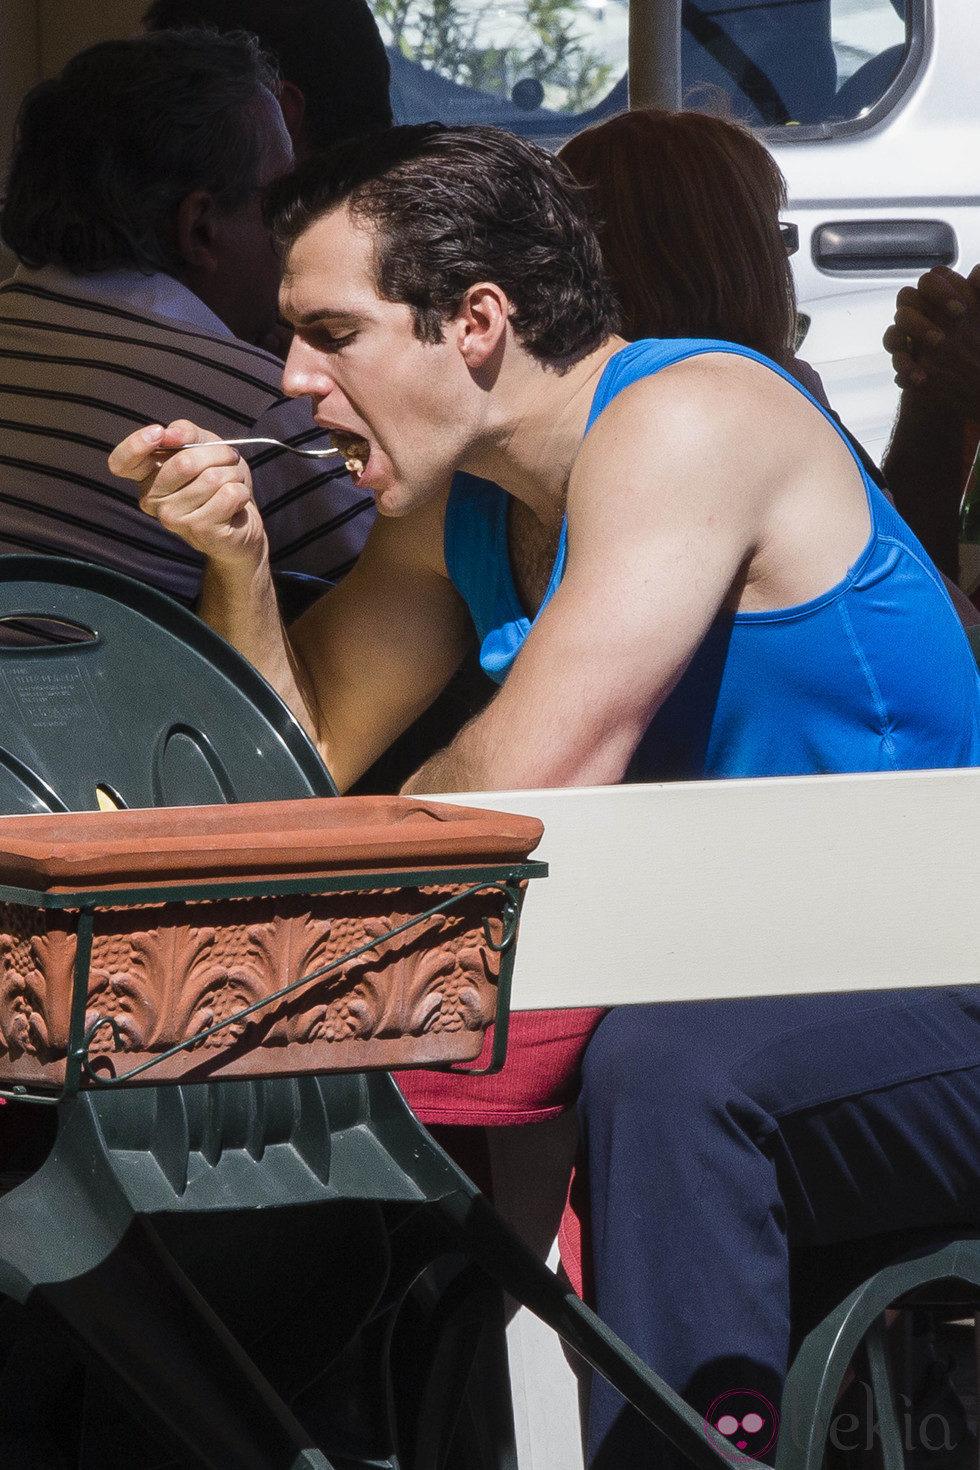 Henry Cavill comiendo en un restaurante en el rodaje en Nápoles de 'The man from U.N.C.L.E'